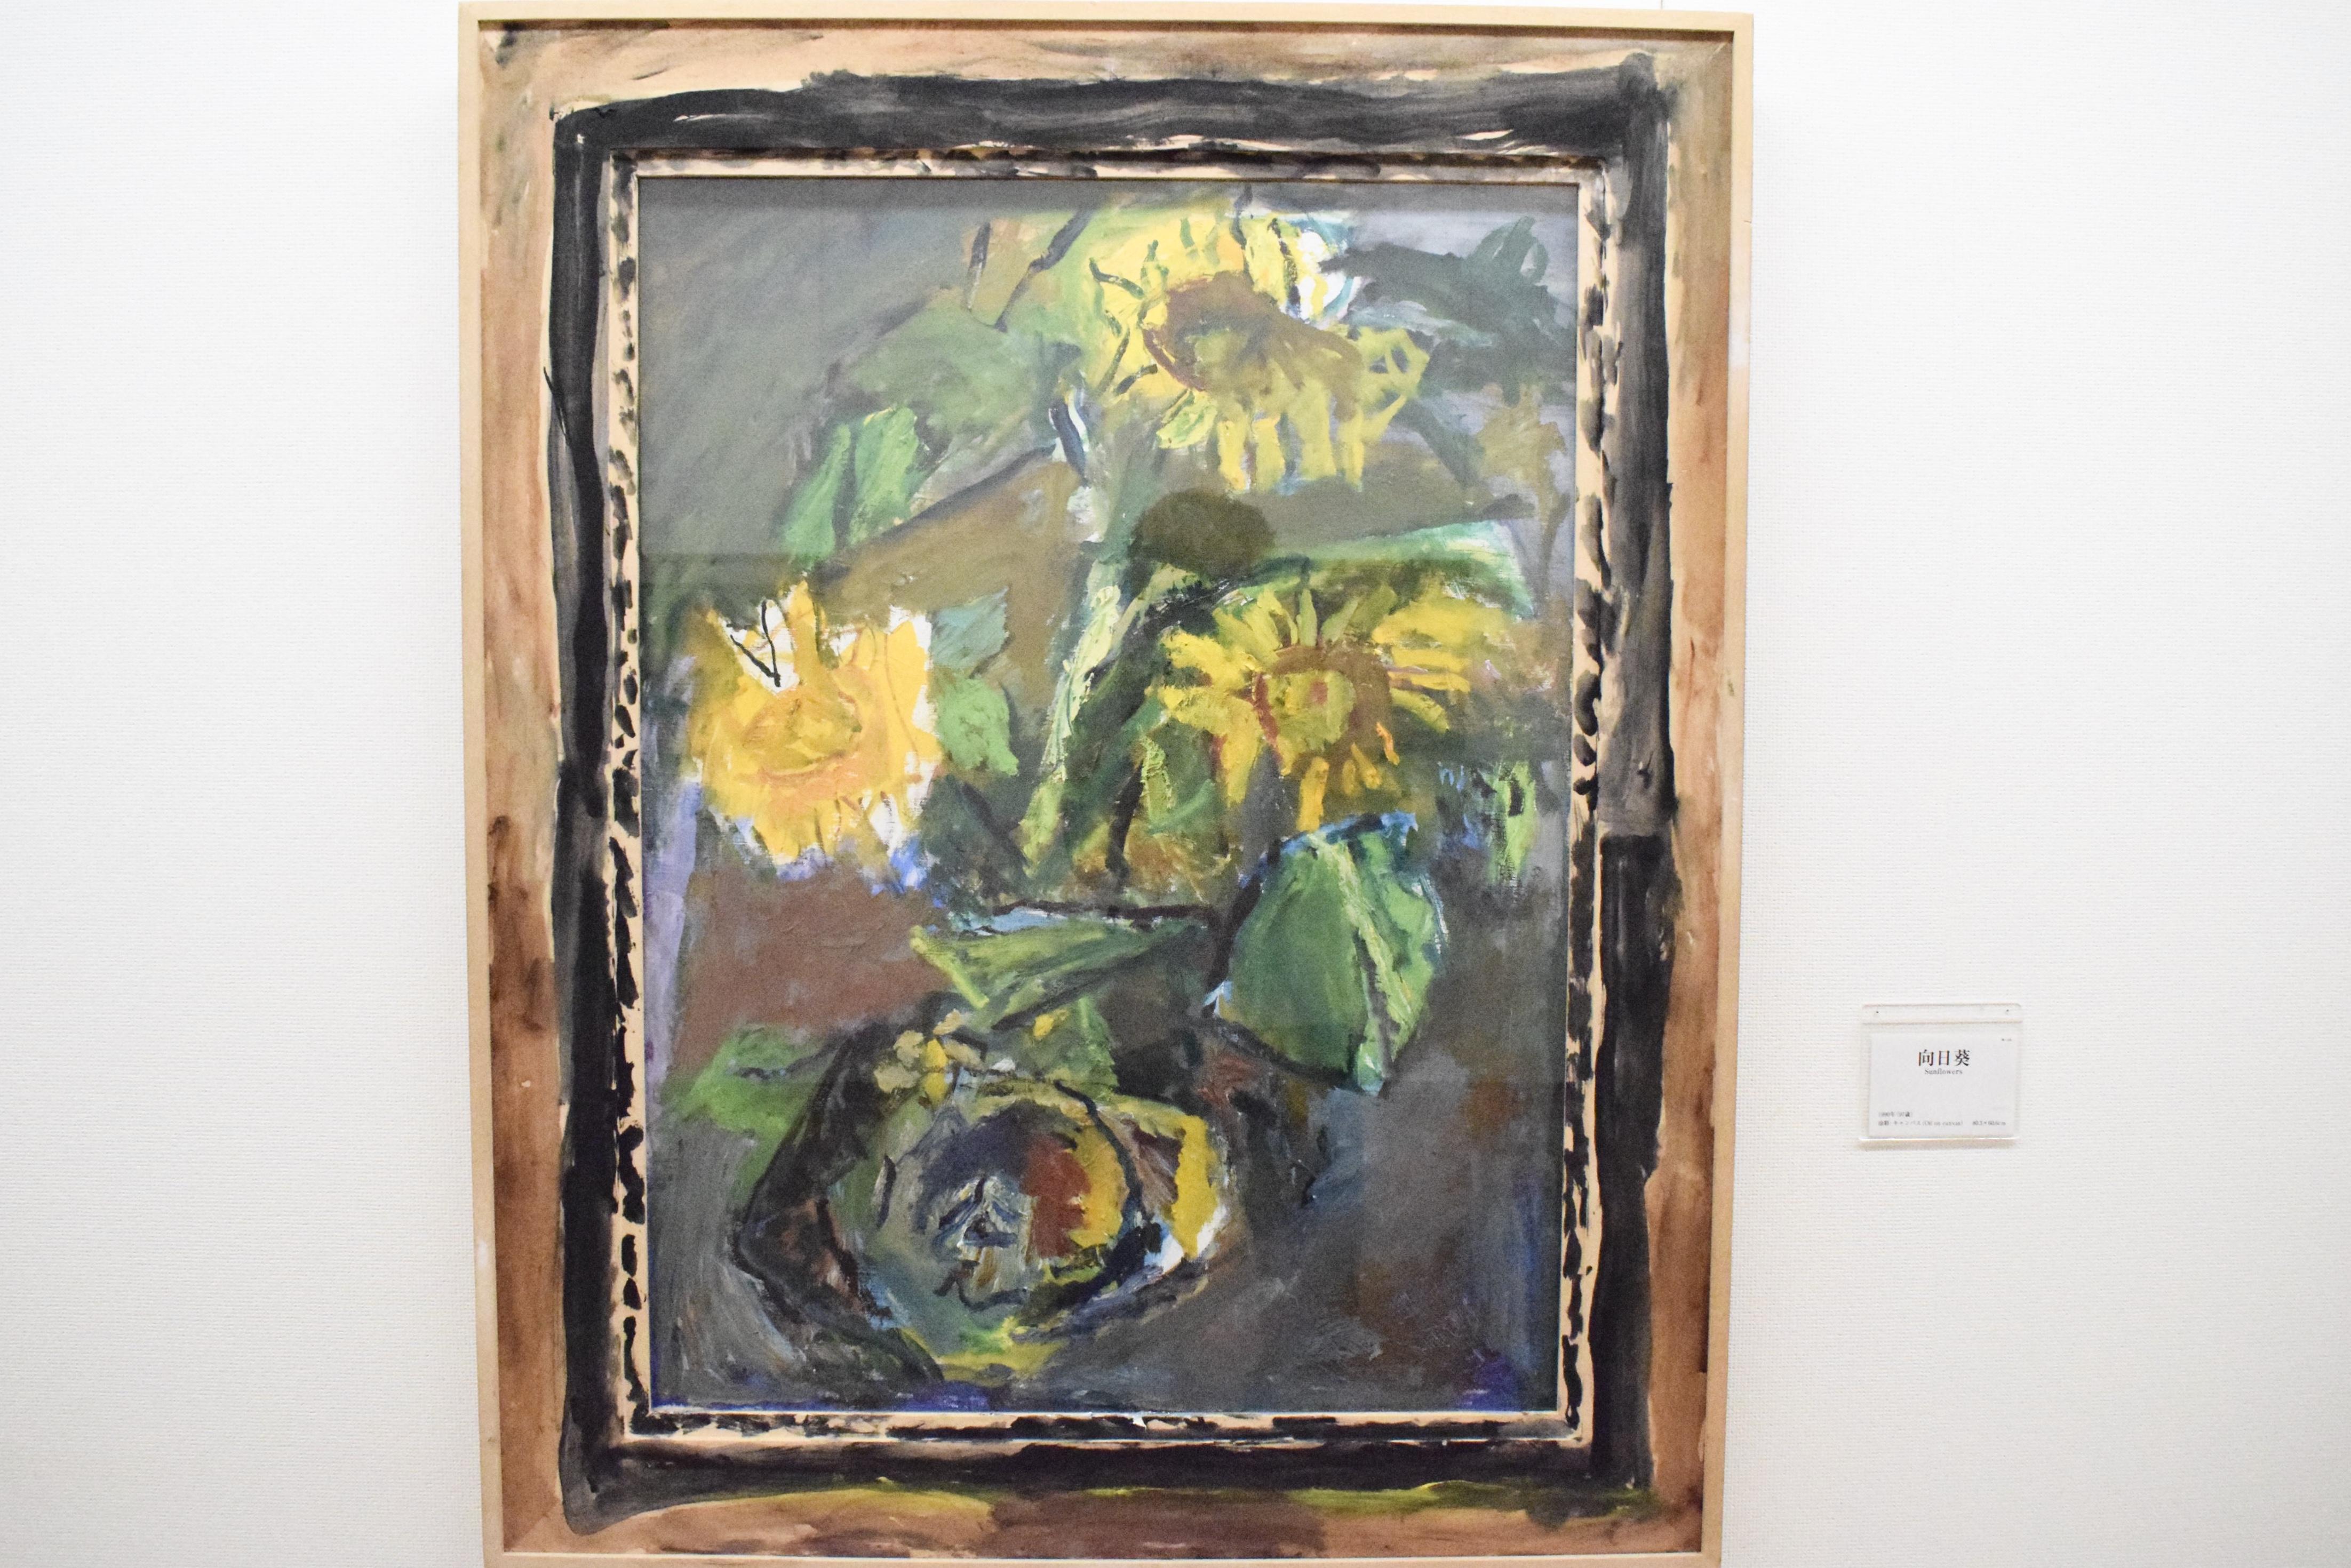 中川さん97歳時の作品、「向日葵」油彩 1990年